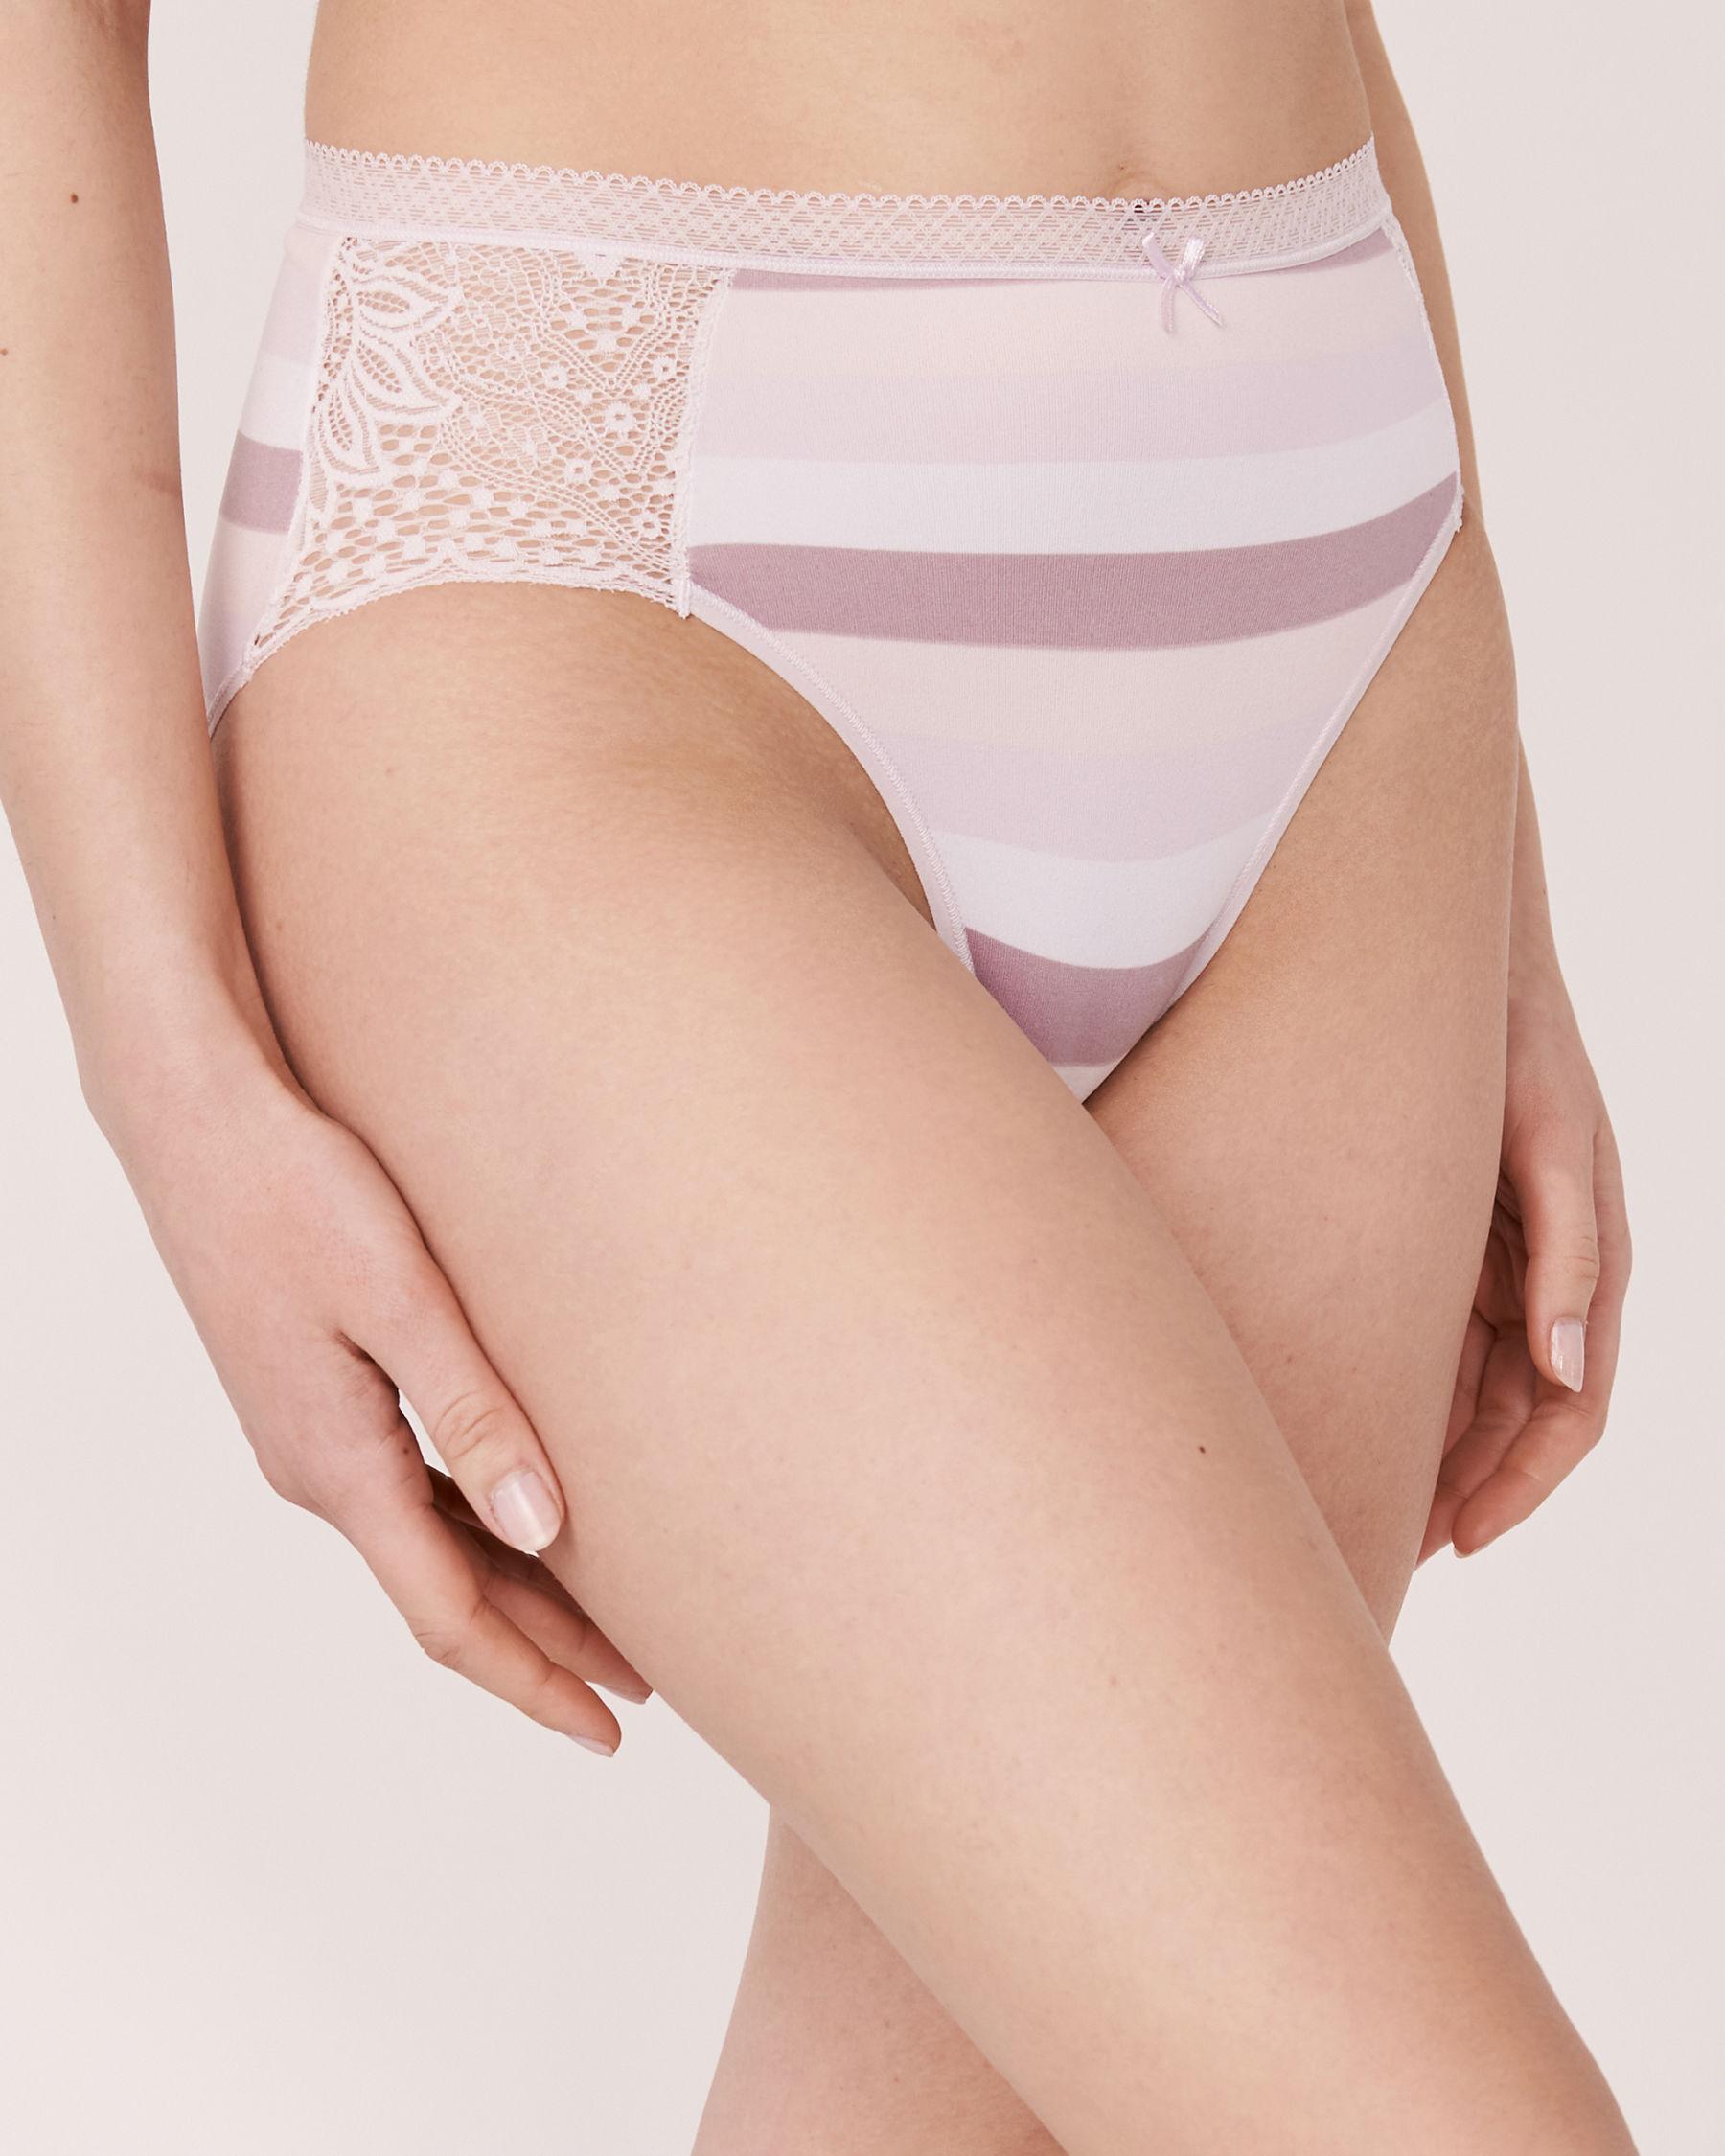 LA VIE EN ROSE High Waist Bikini Panty Wide stripes 20100023 - View1